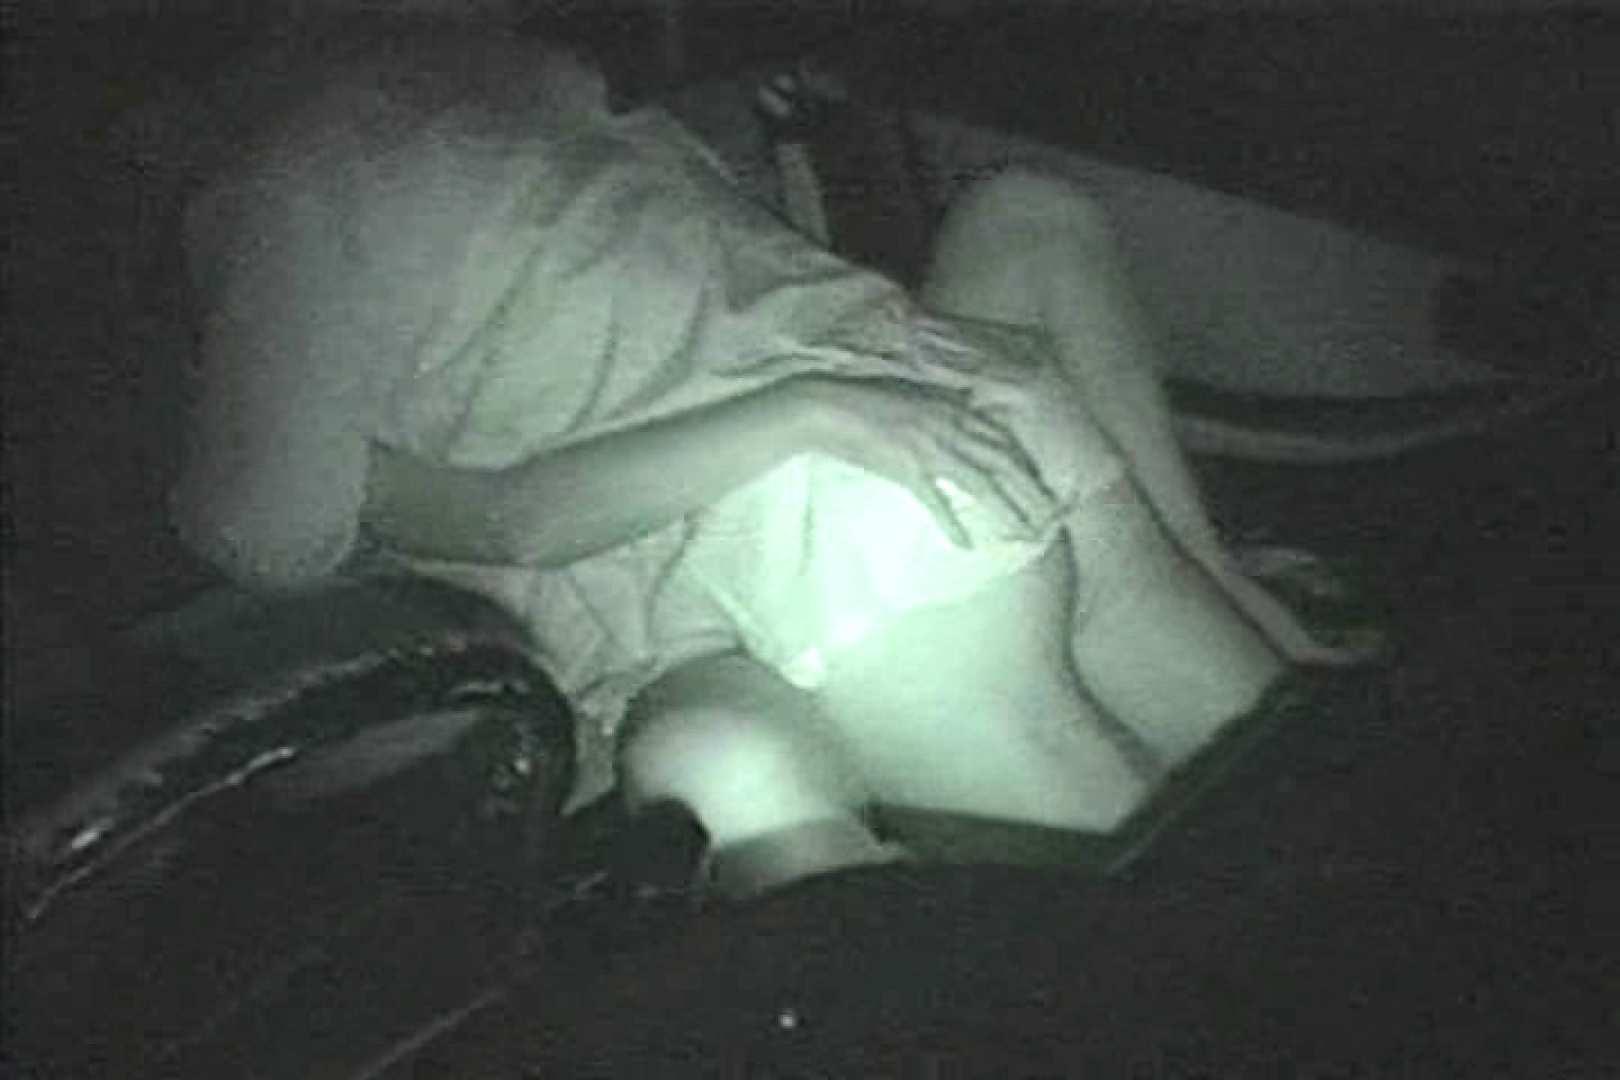 MASAさんの待ち伏せ撮り! 赤外線カーセックスVol.11 おまんこ無修正 セックス画像 87画像 84